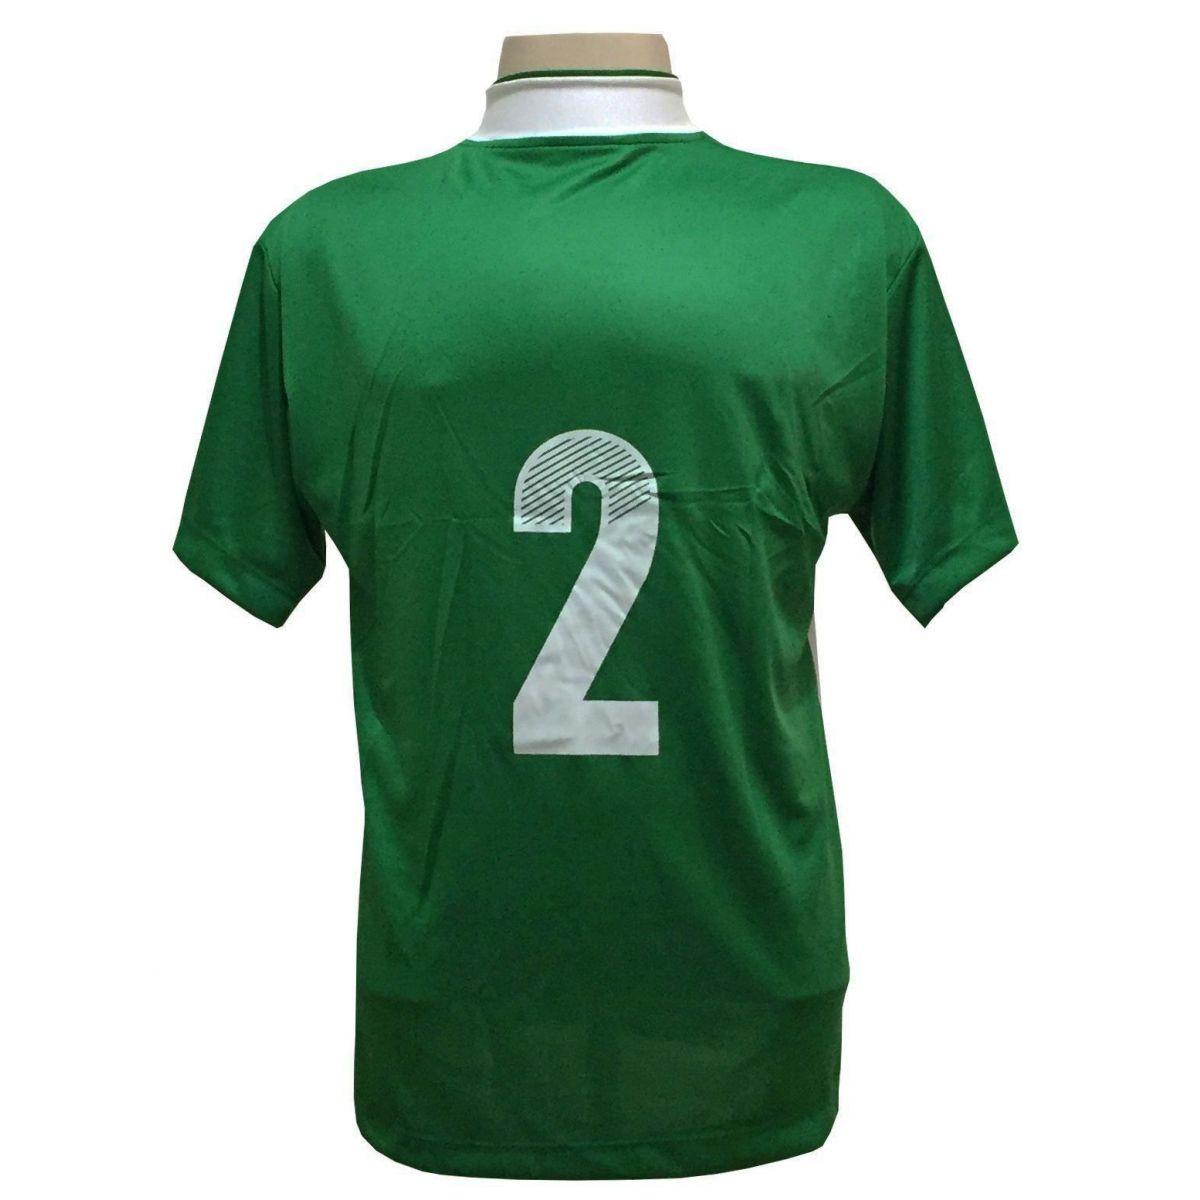 Jogo de Camisa com 14 unidades modelo Suécia Verde/Branco + Brindes